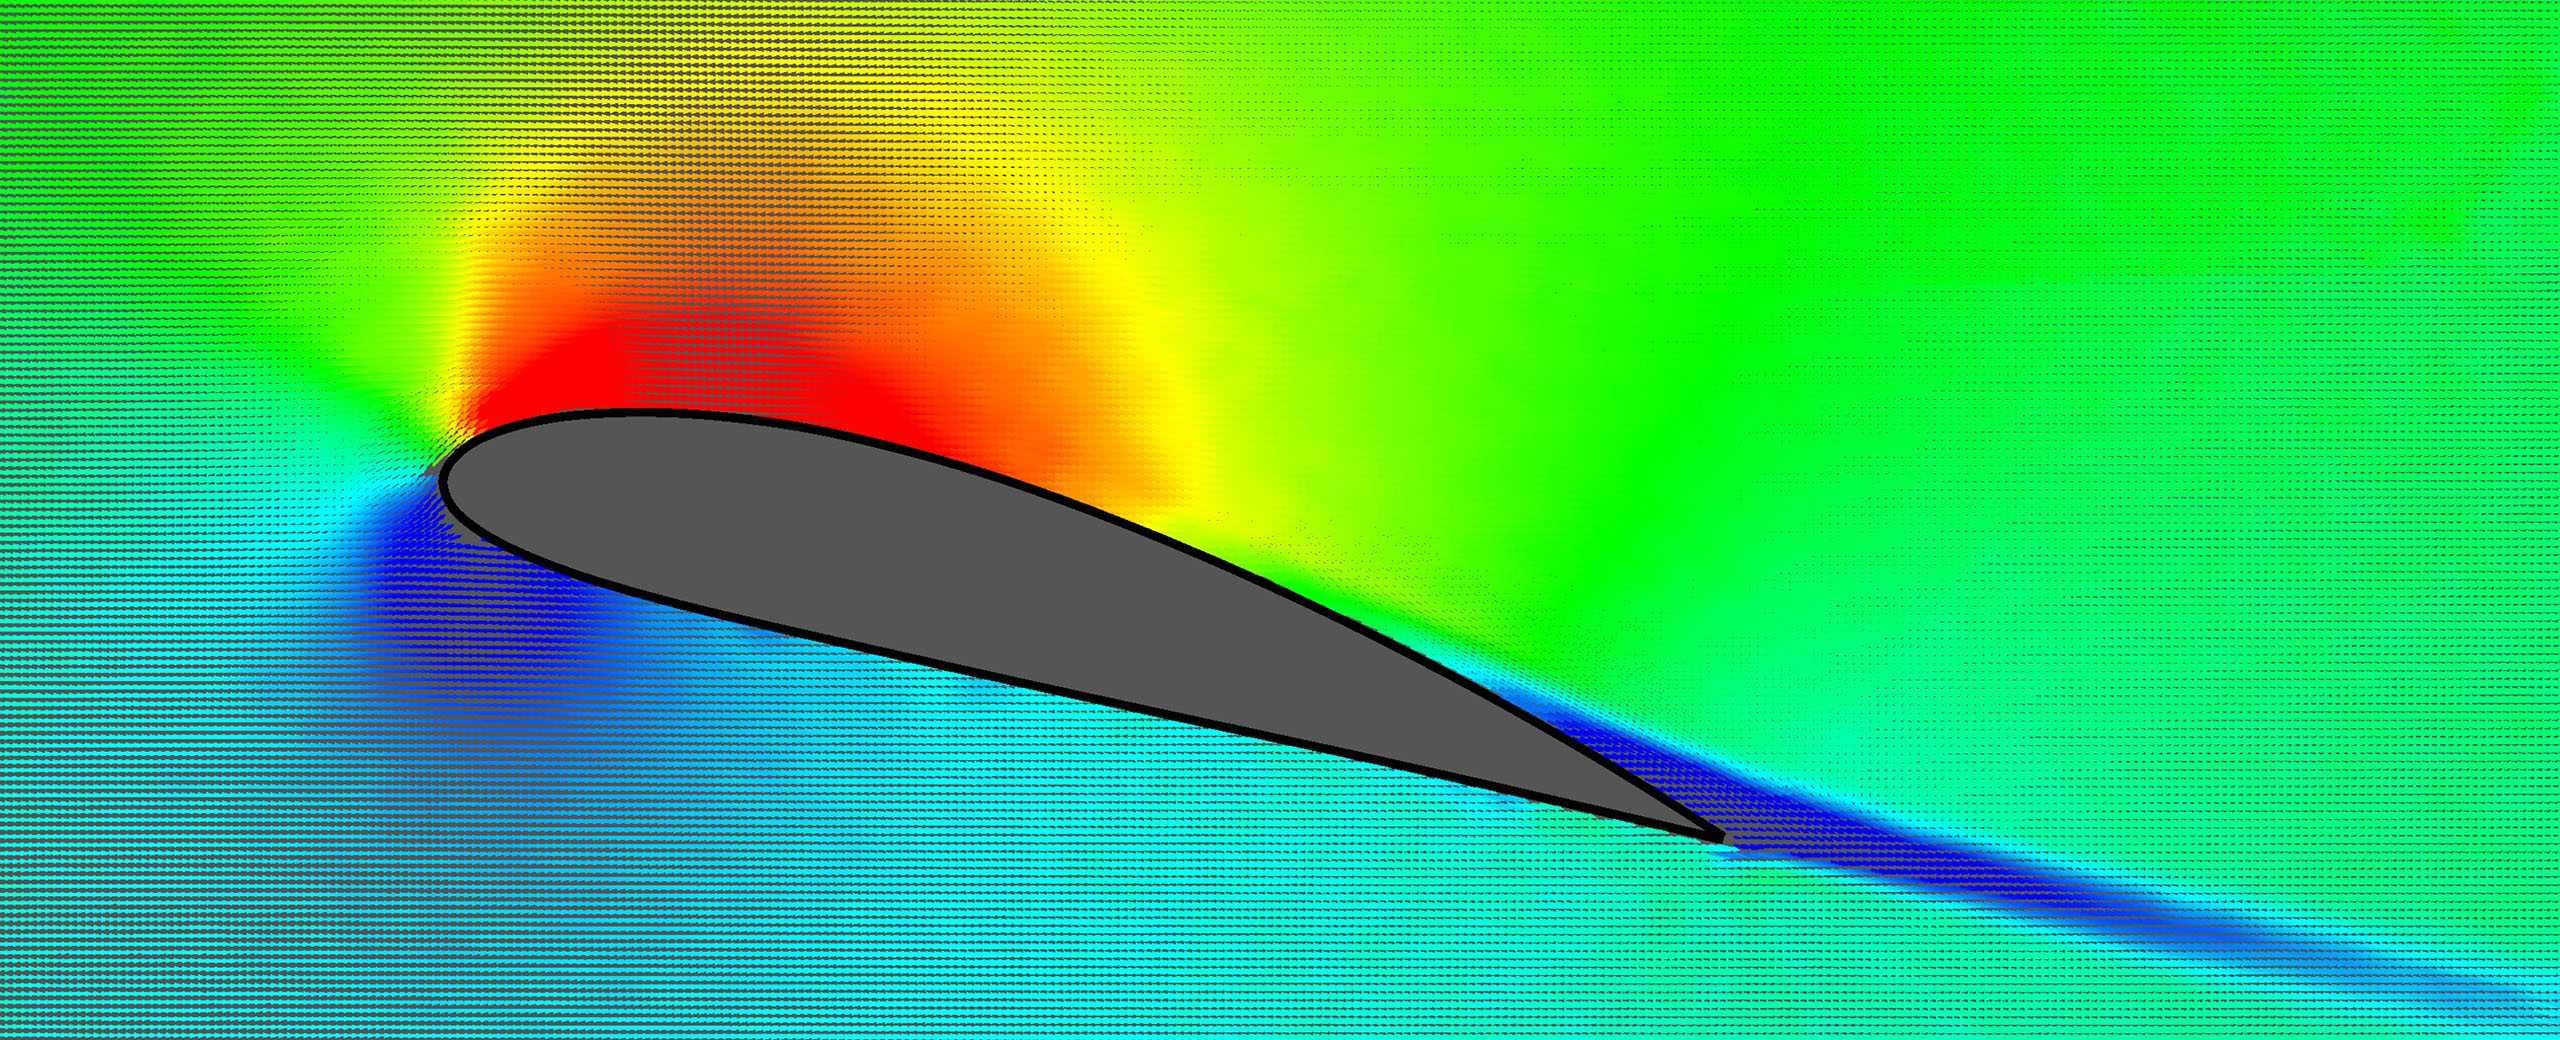 Imagerie expérimentale d'écoulements